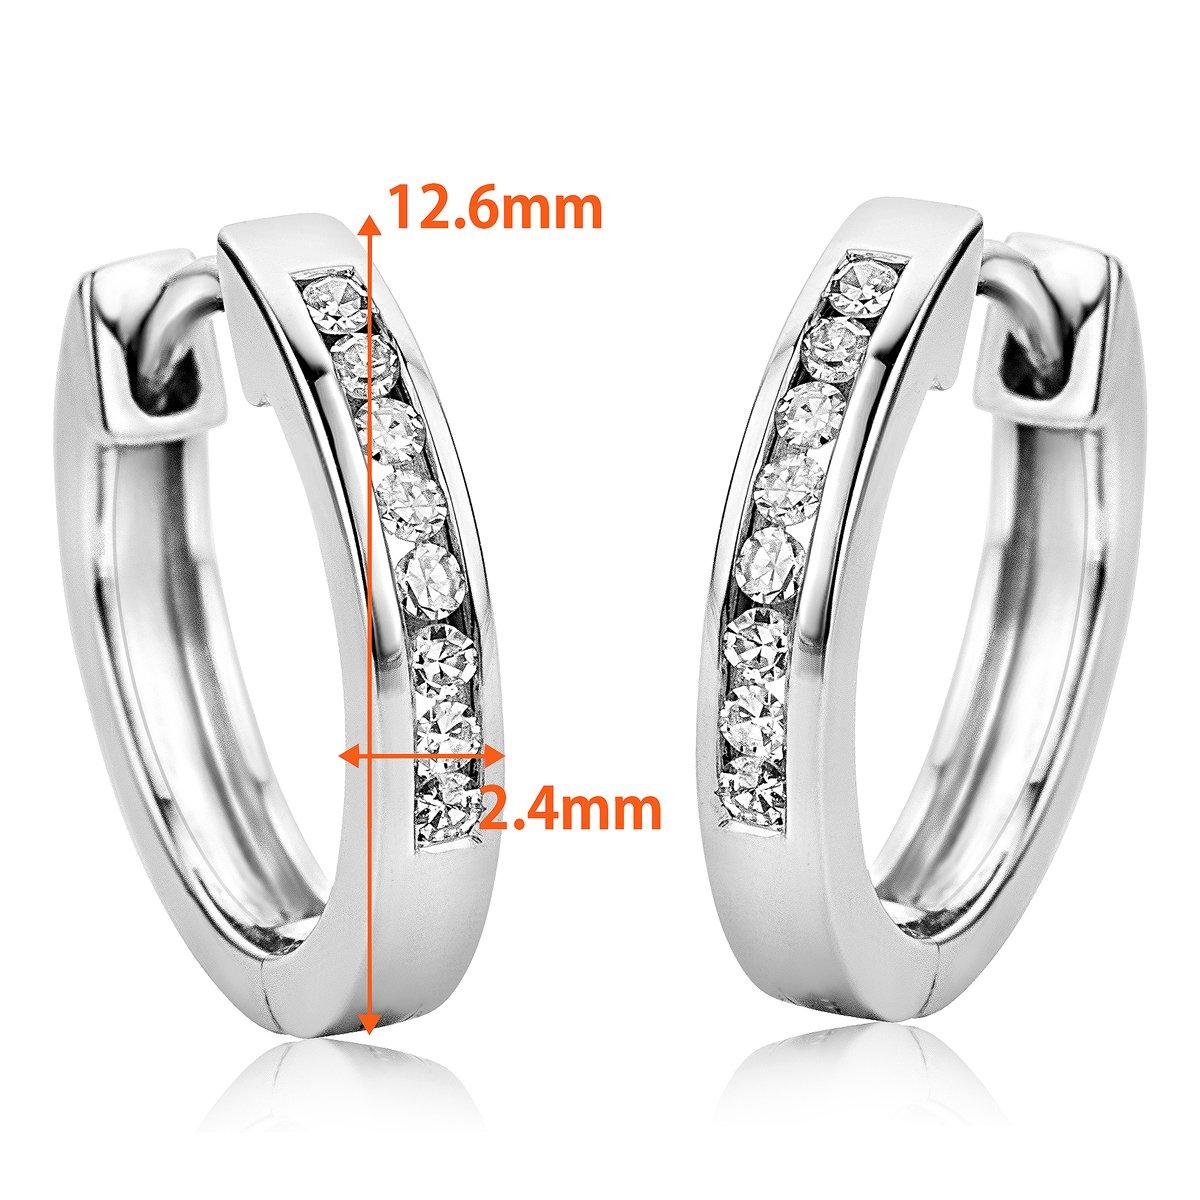 28502c6c14d5 Orovi Pendientes Señora aros en Oro Blanco con Diamantes Talla Brillante  0.11 ct Oro 9 Kt   375  Amazon.es  Joyería